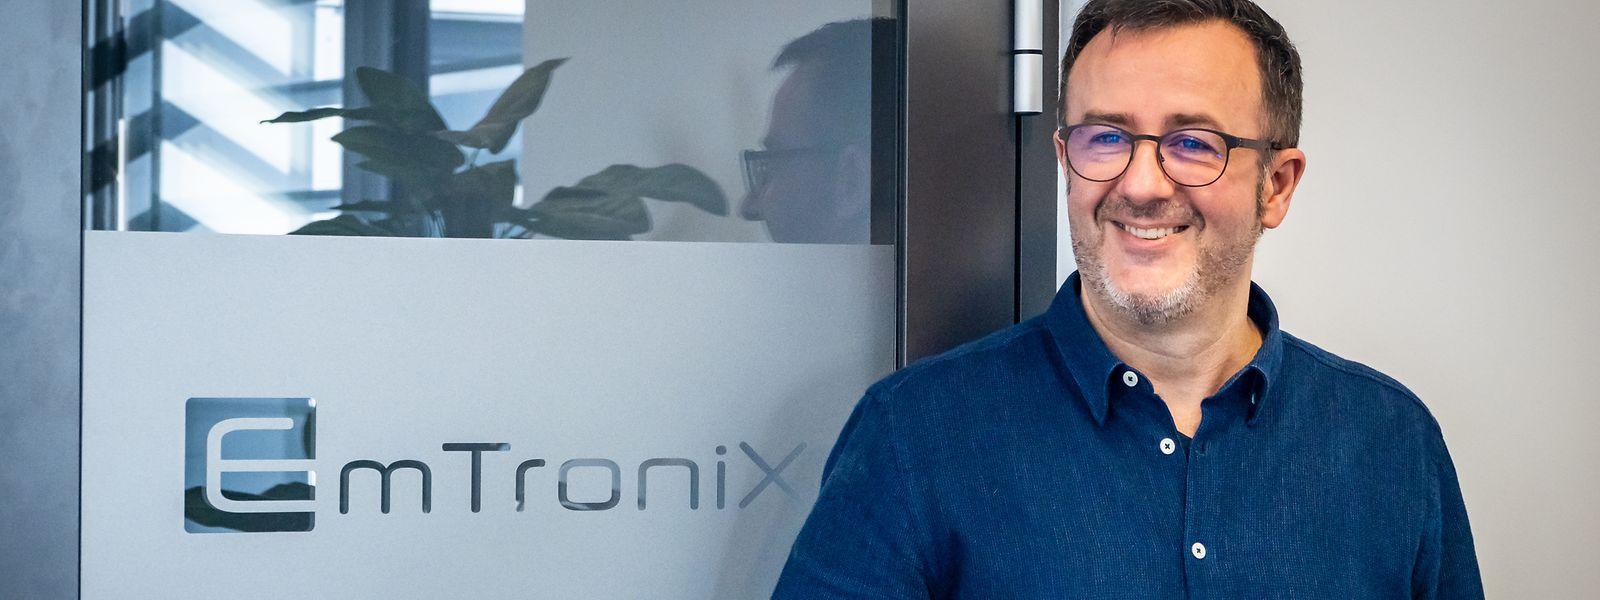 Cedric Lorant, Geschäftsführer von Emtronix, hat das Unternehmen 2001 gegründet. Heute arbeiten 27 Mitarbeiter bei dem Zulieferbetrieb für die Automobil-, Luft- und Raumfahrtbranche.